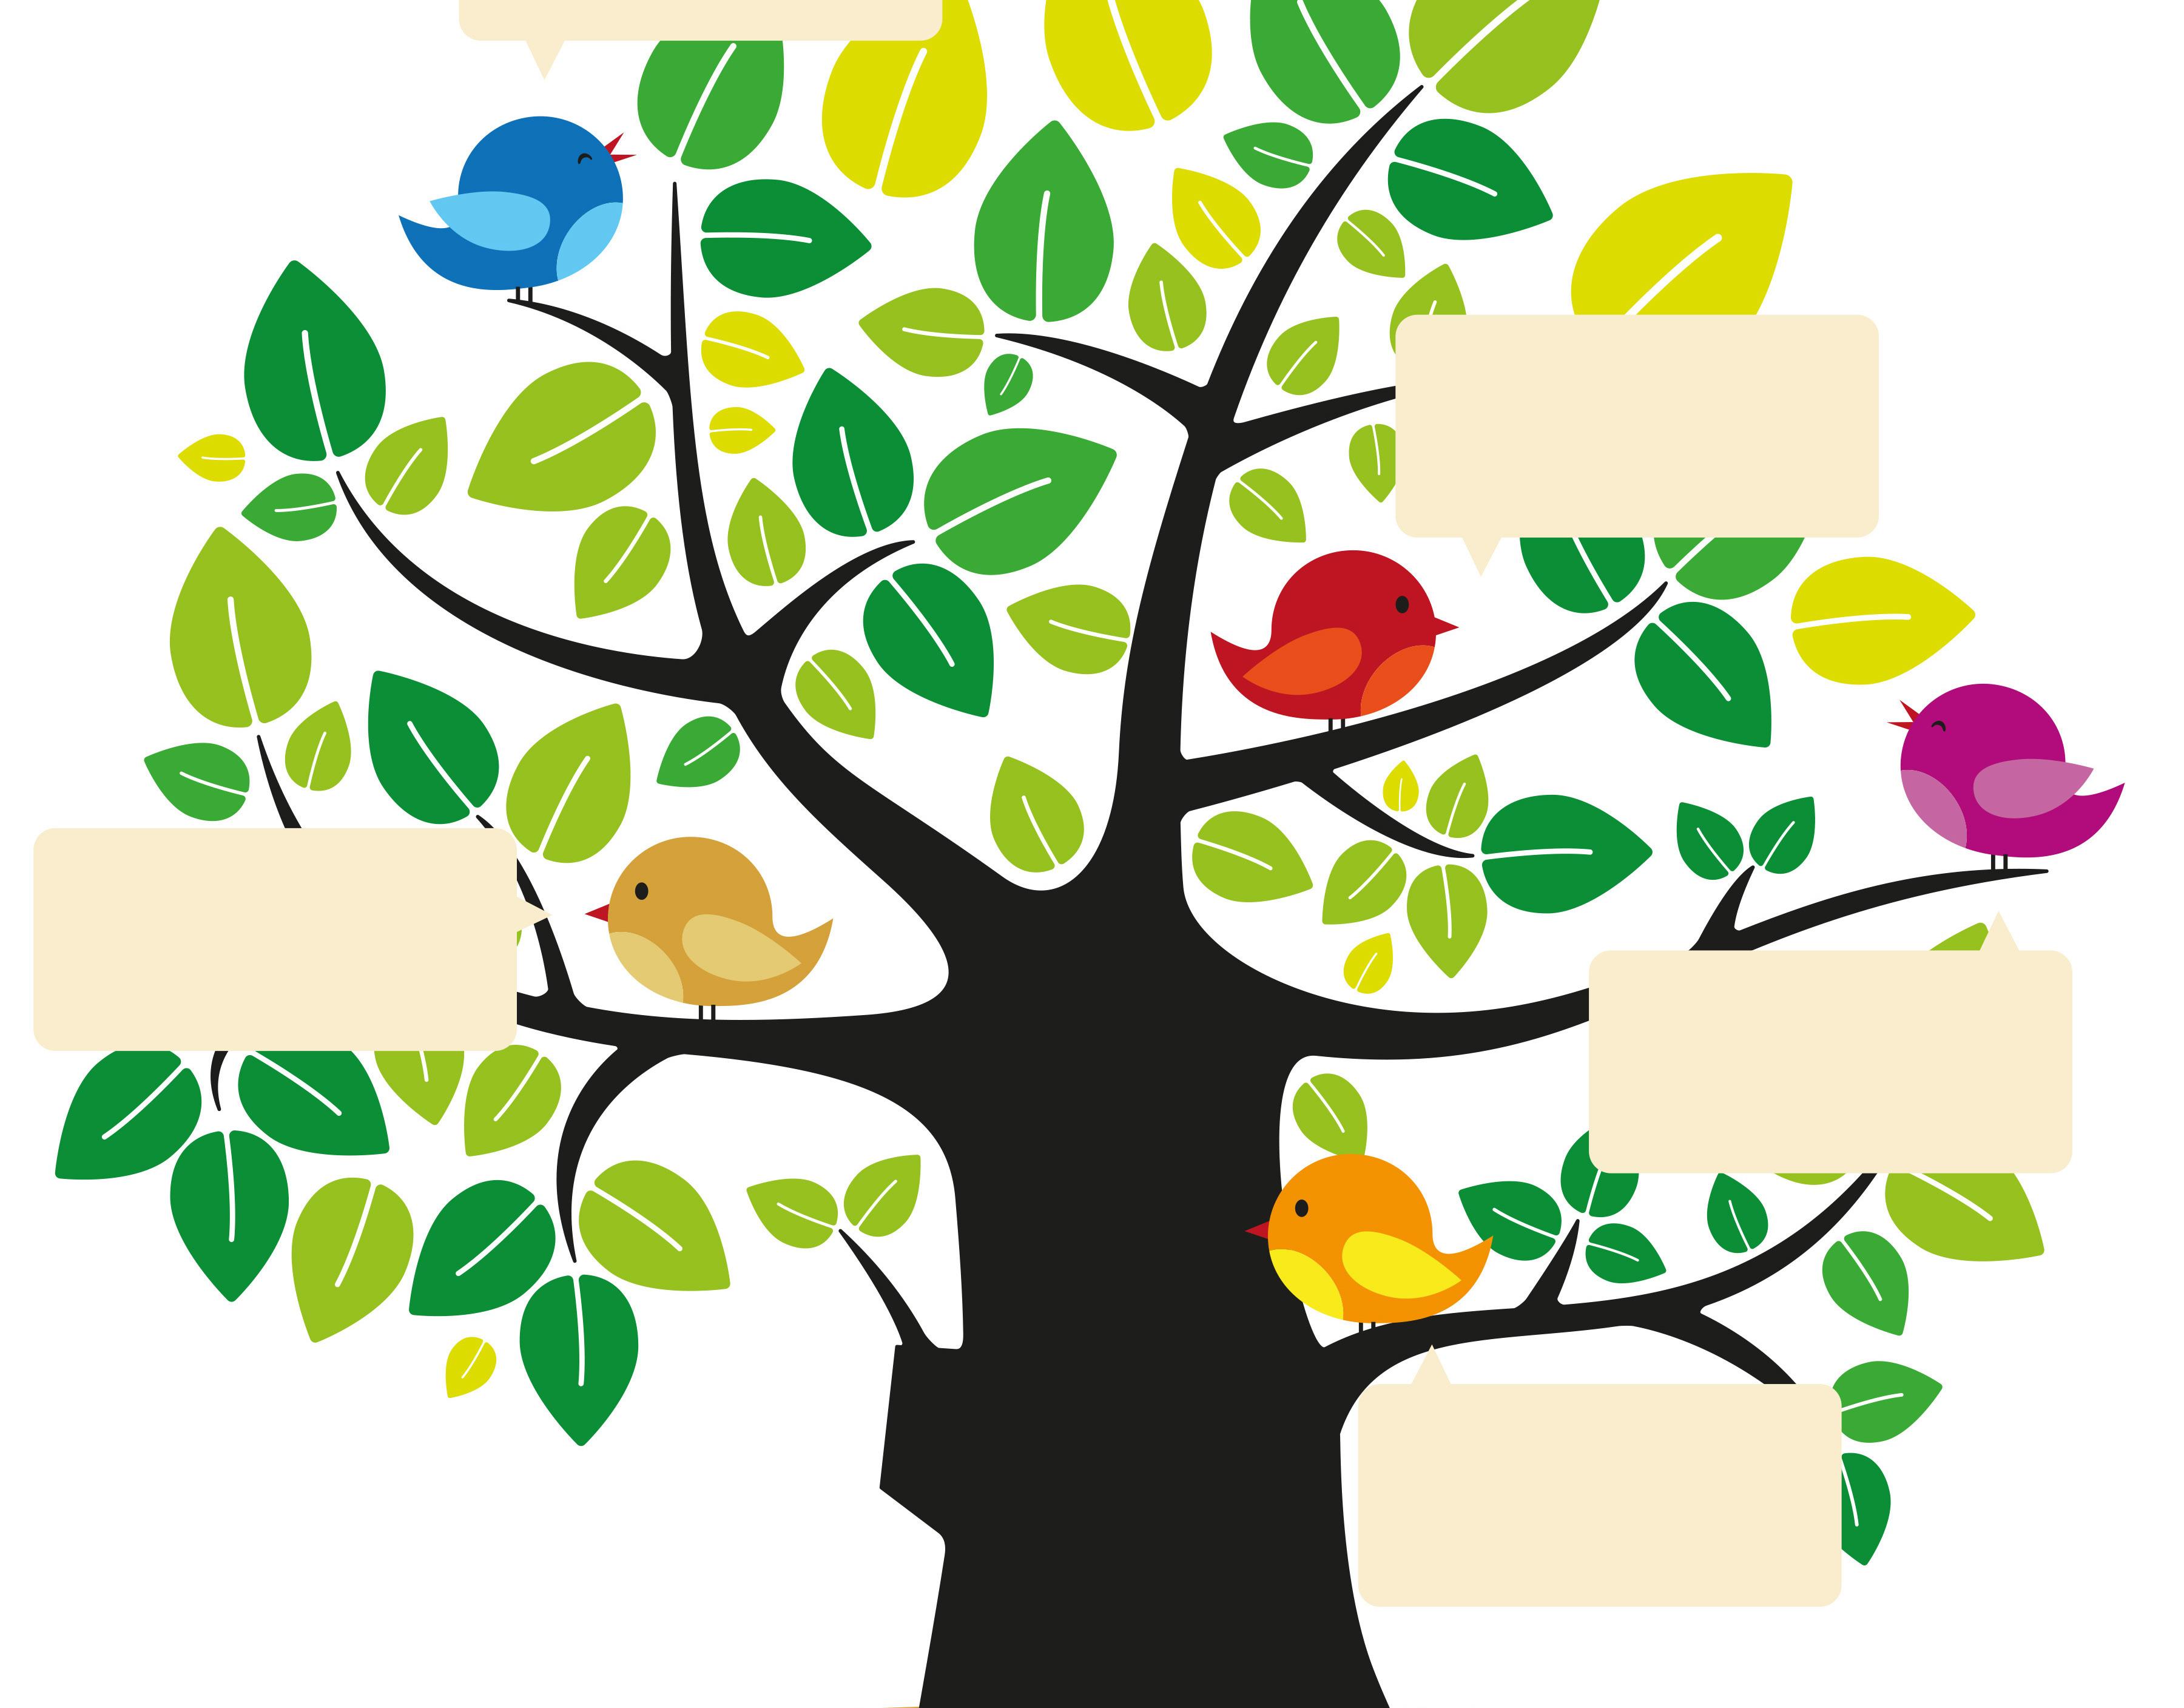 картинки дерева для проекта деятельностью